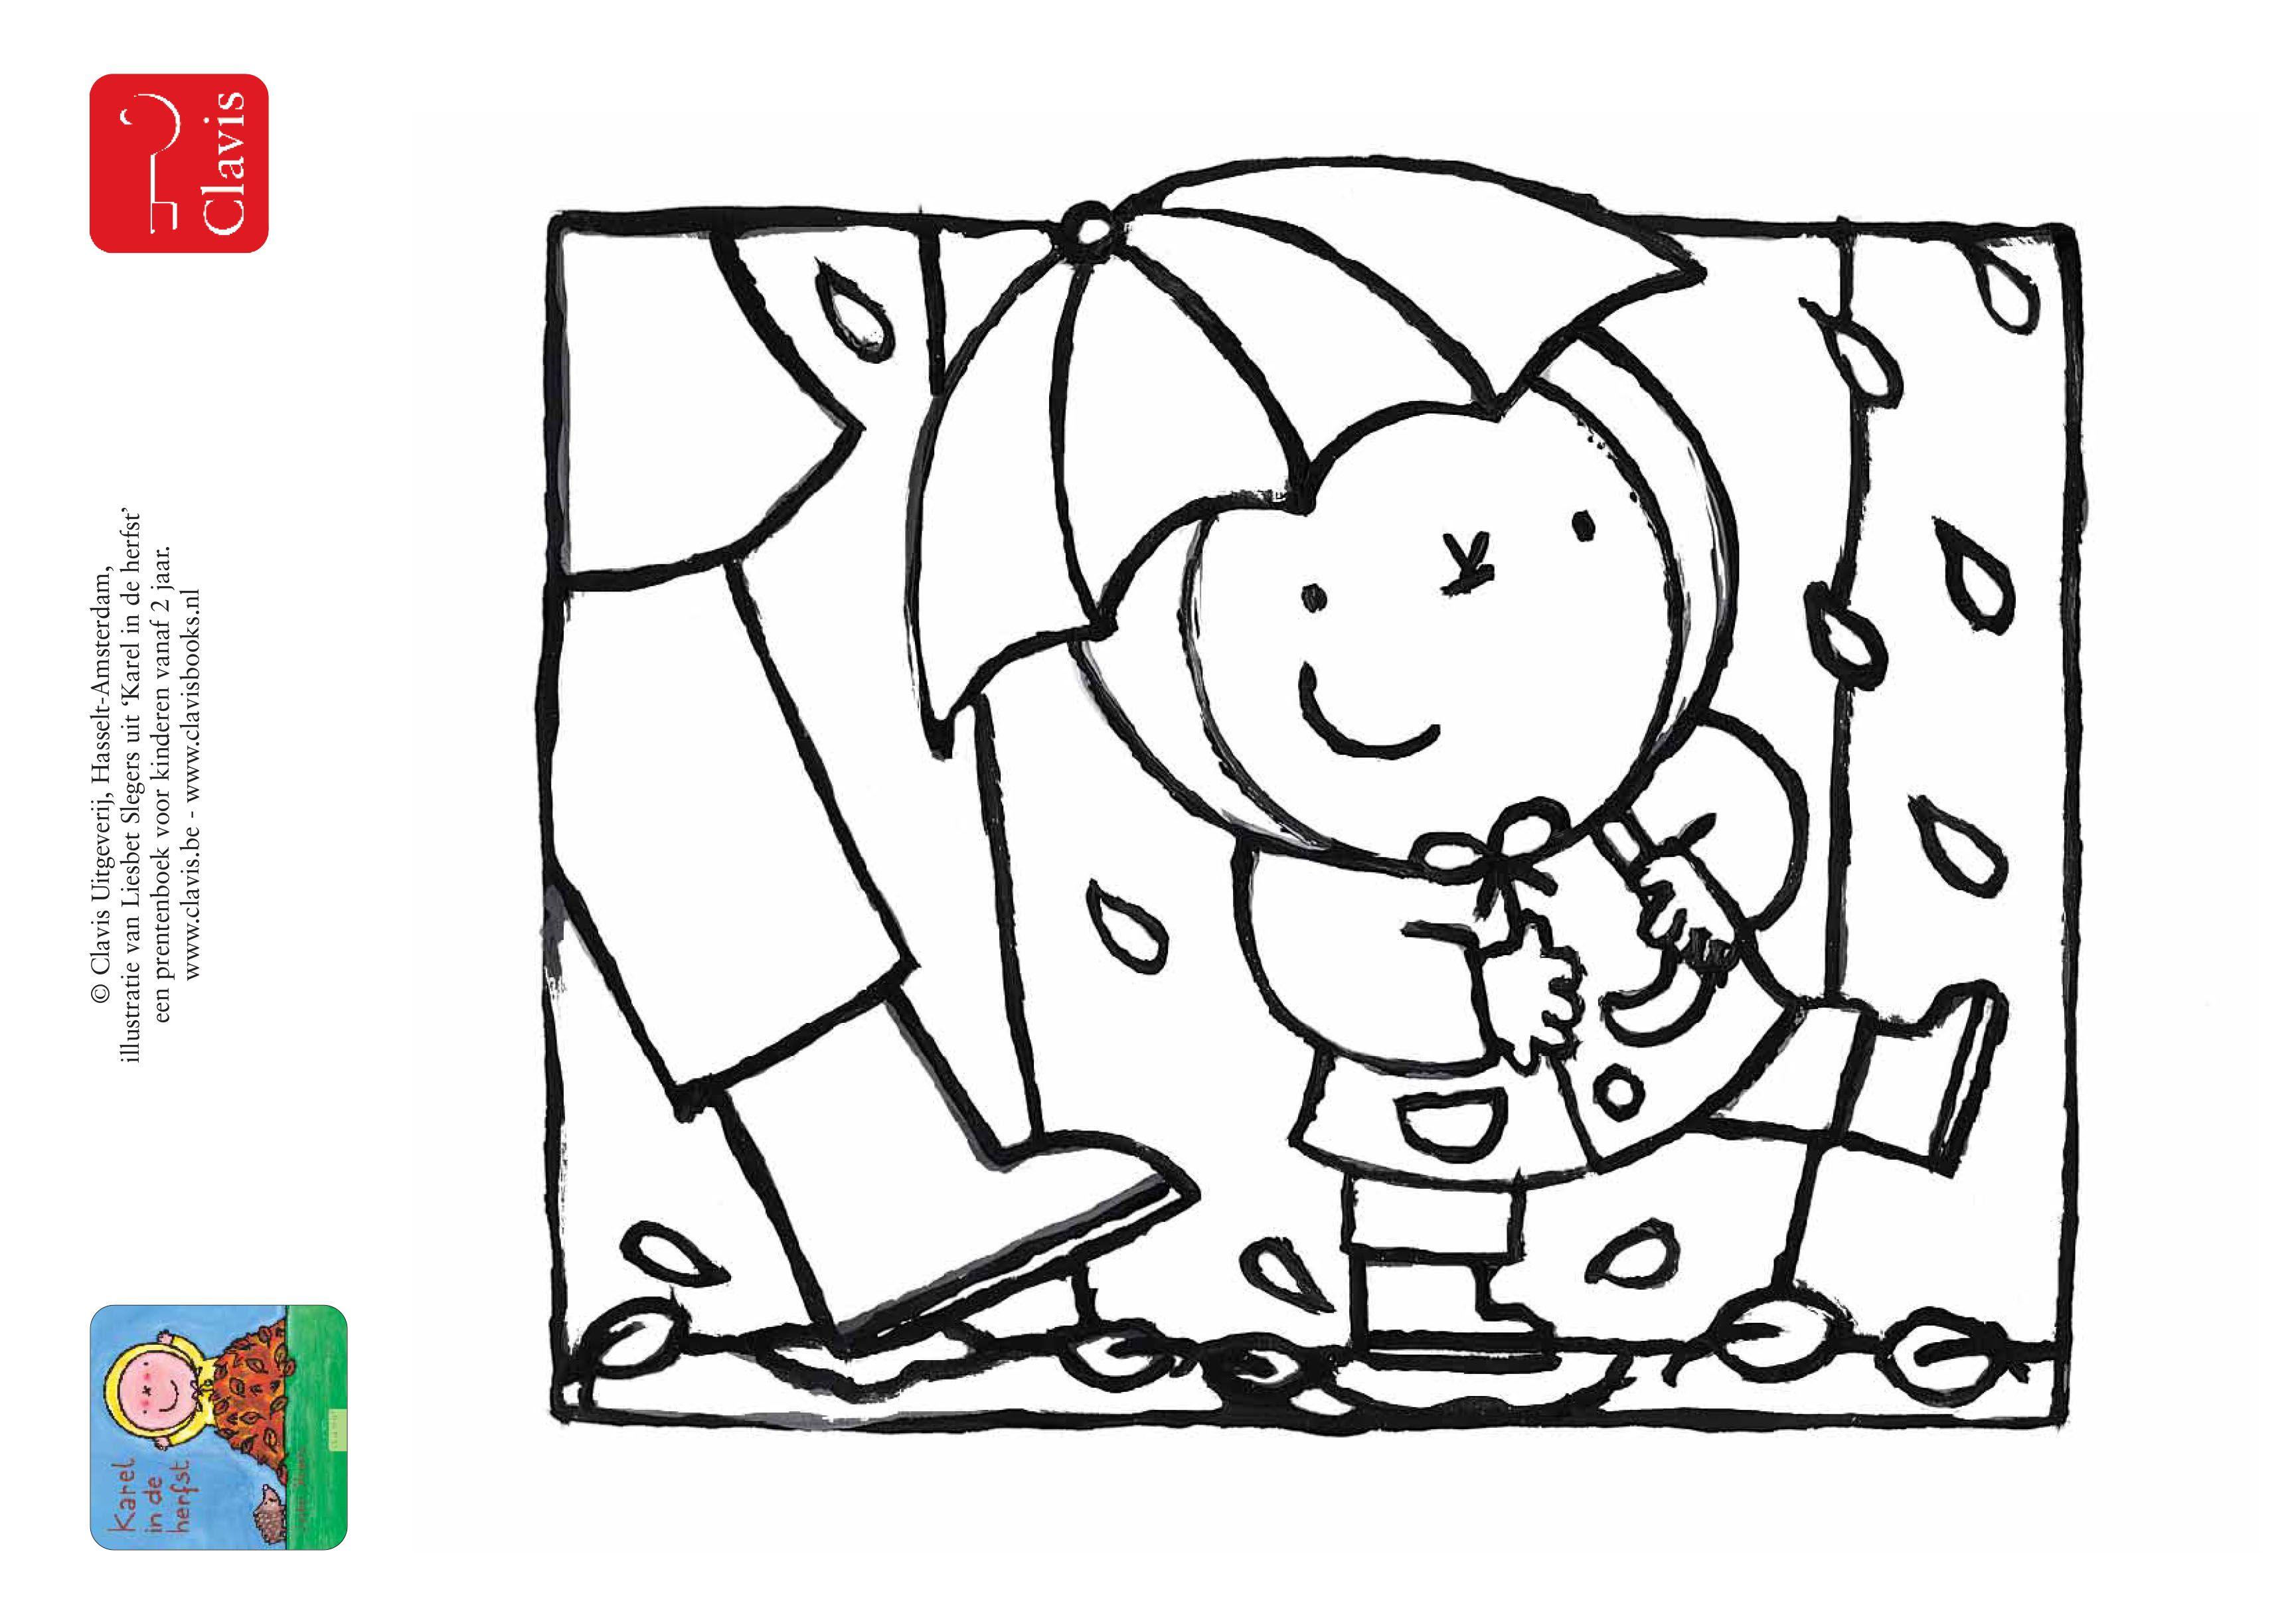 Ik Ben Karel Vandaag Ga Ik De Tuin En Het Bos In In De Herfst Is Daar Van Alles Te Zien Mooie Blaadjes Paddestoelen Kastanjes Herfst Thema Regen Knutselen